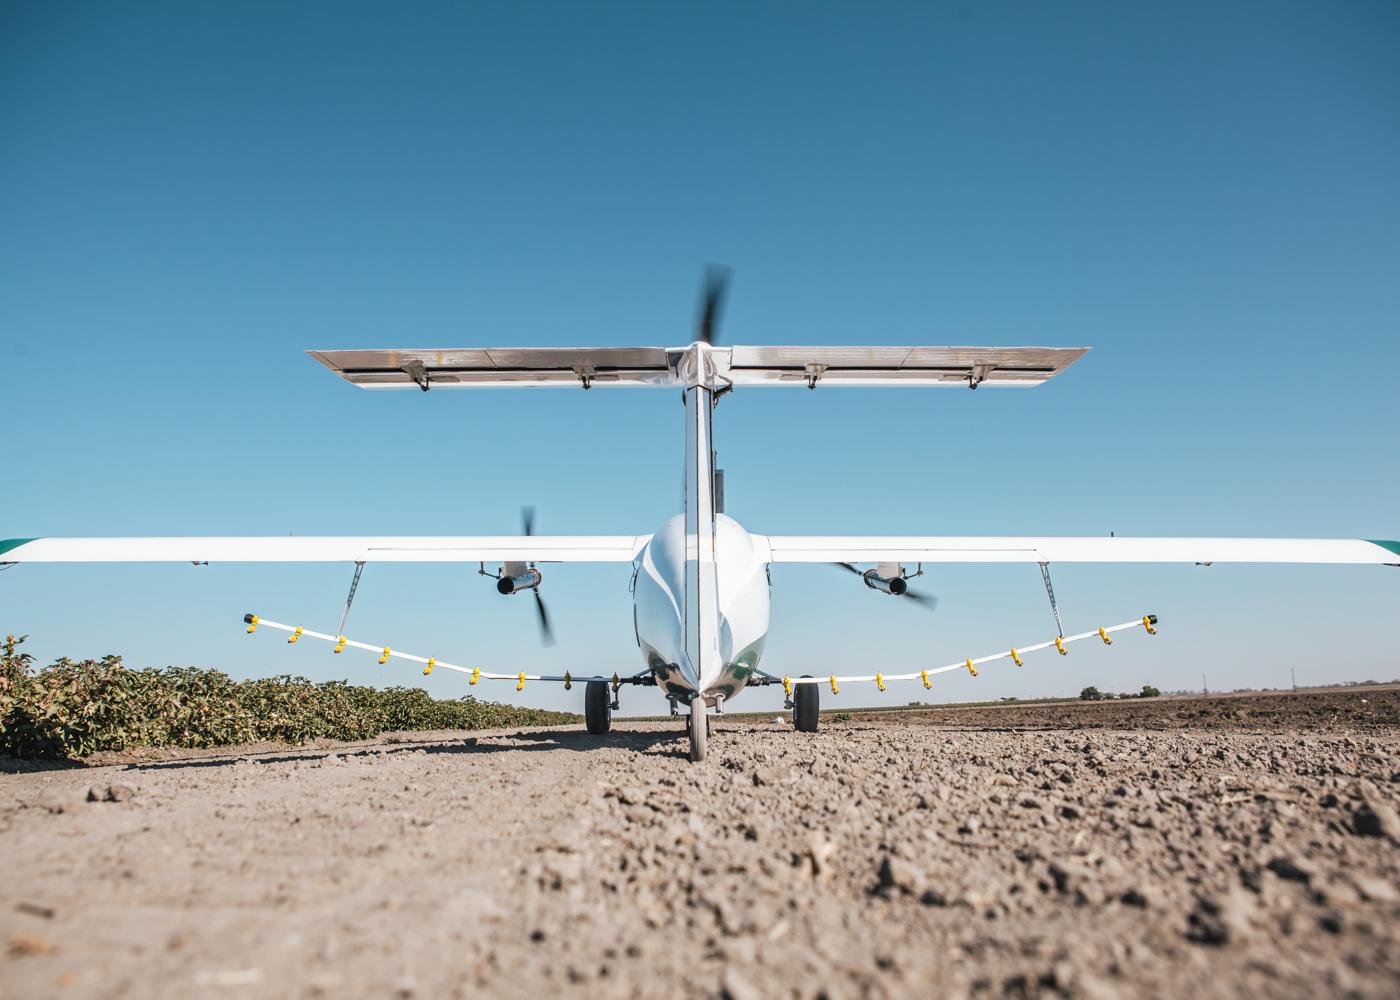 Pyka electric STOL plane